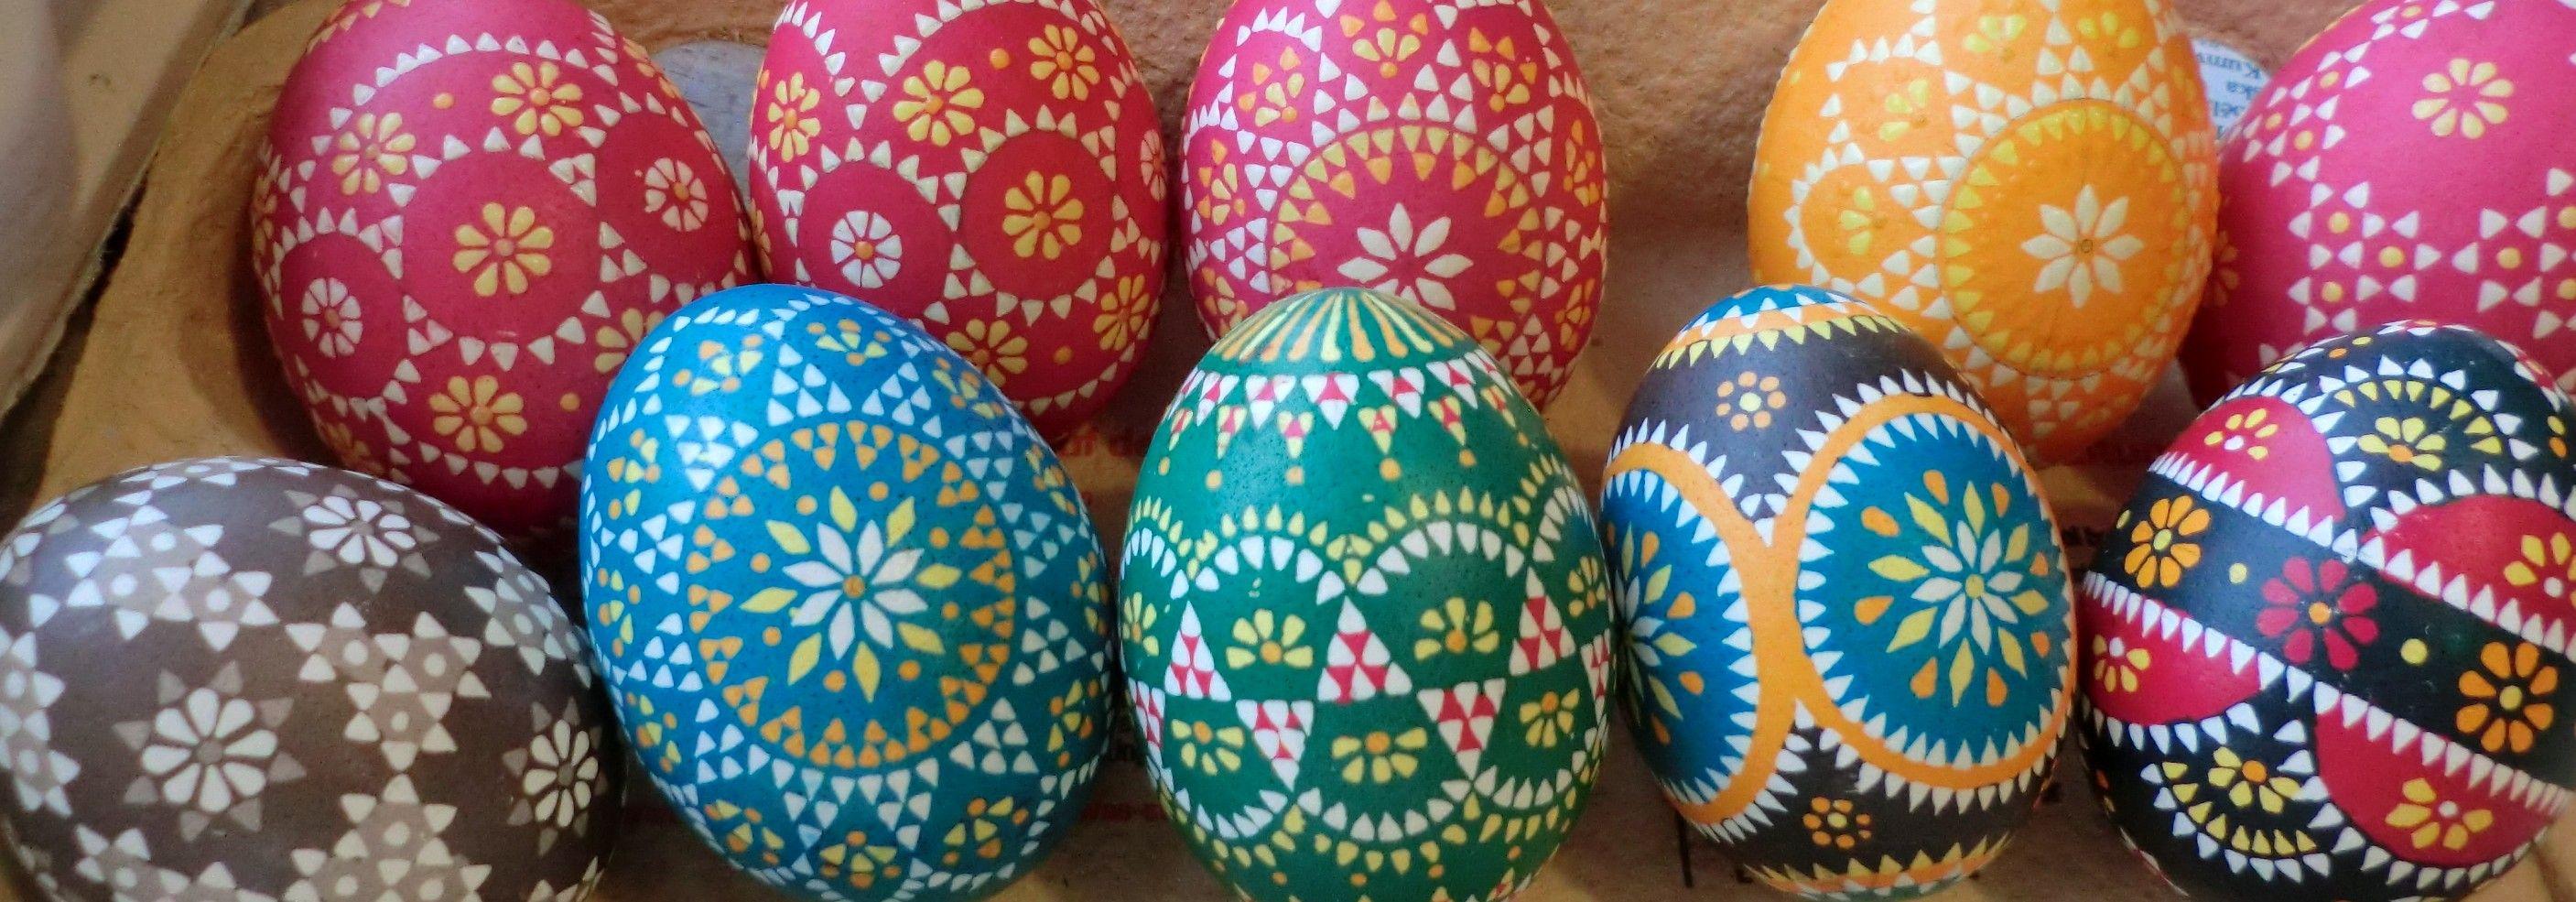 sorbische ostereier pisanki easter eggs ostereier pinterest ostereier ostern und eier. Black Bedroom Furniture Sets. Home Design Ideas